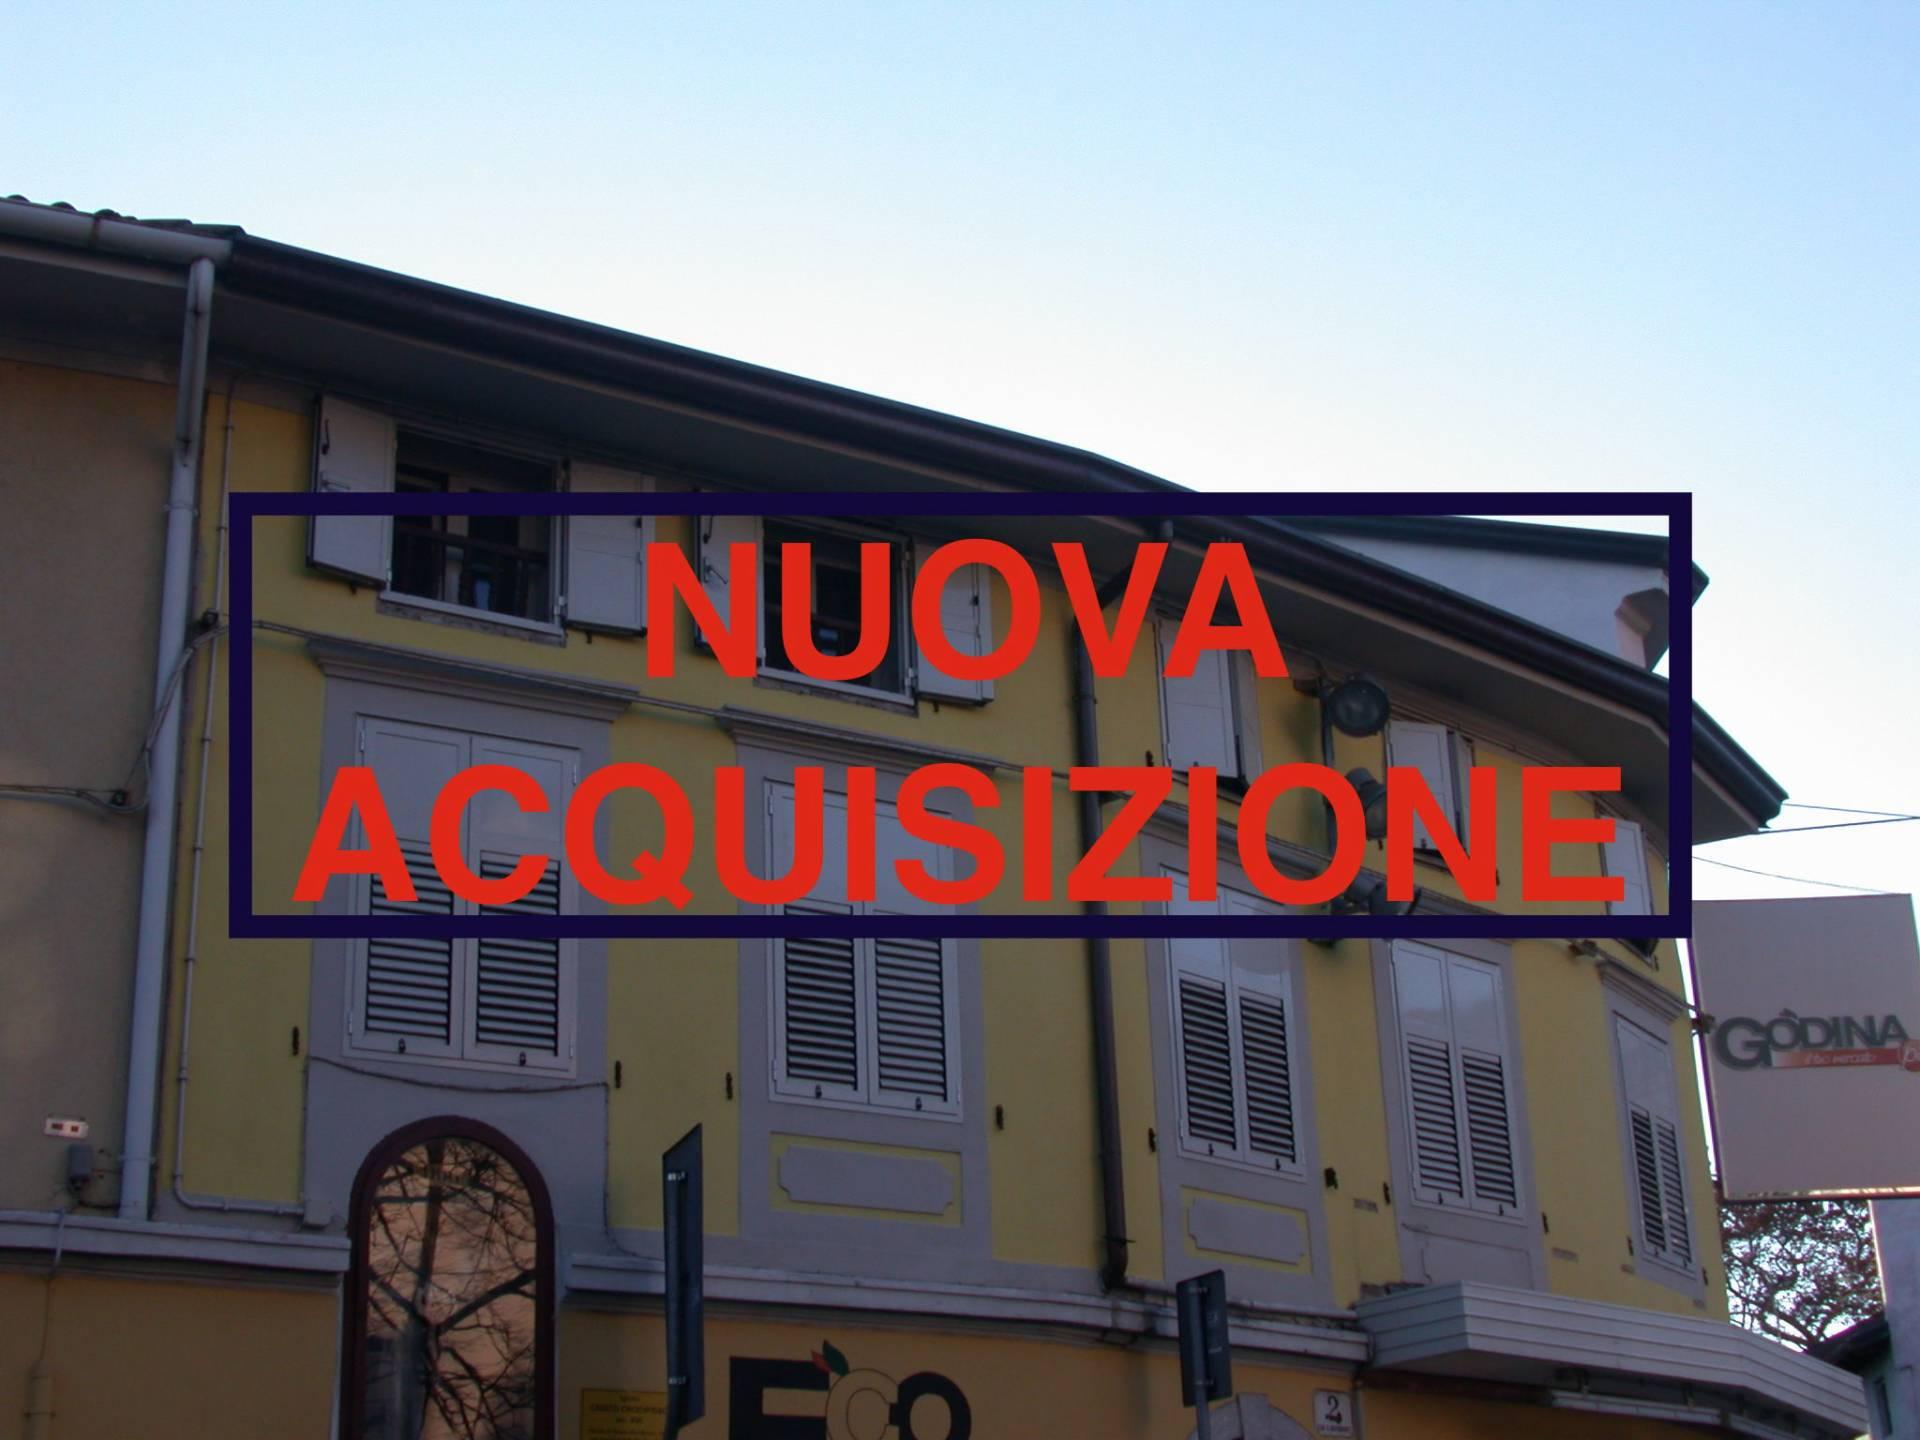 Appartamento in affitto a Gorizia, 2 locali, zona Località: Centrostorico, prezzo € 380 | Cambio Casa.it